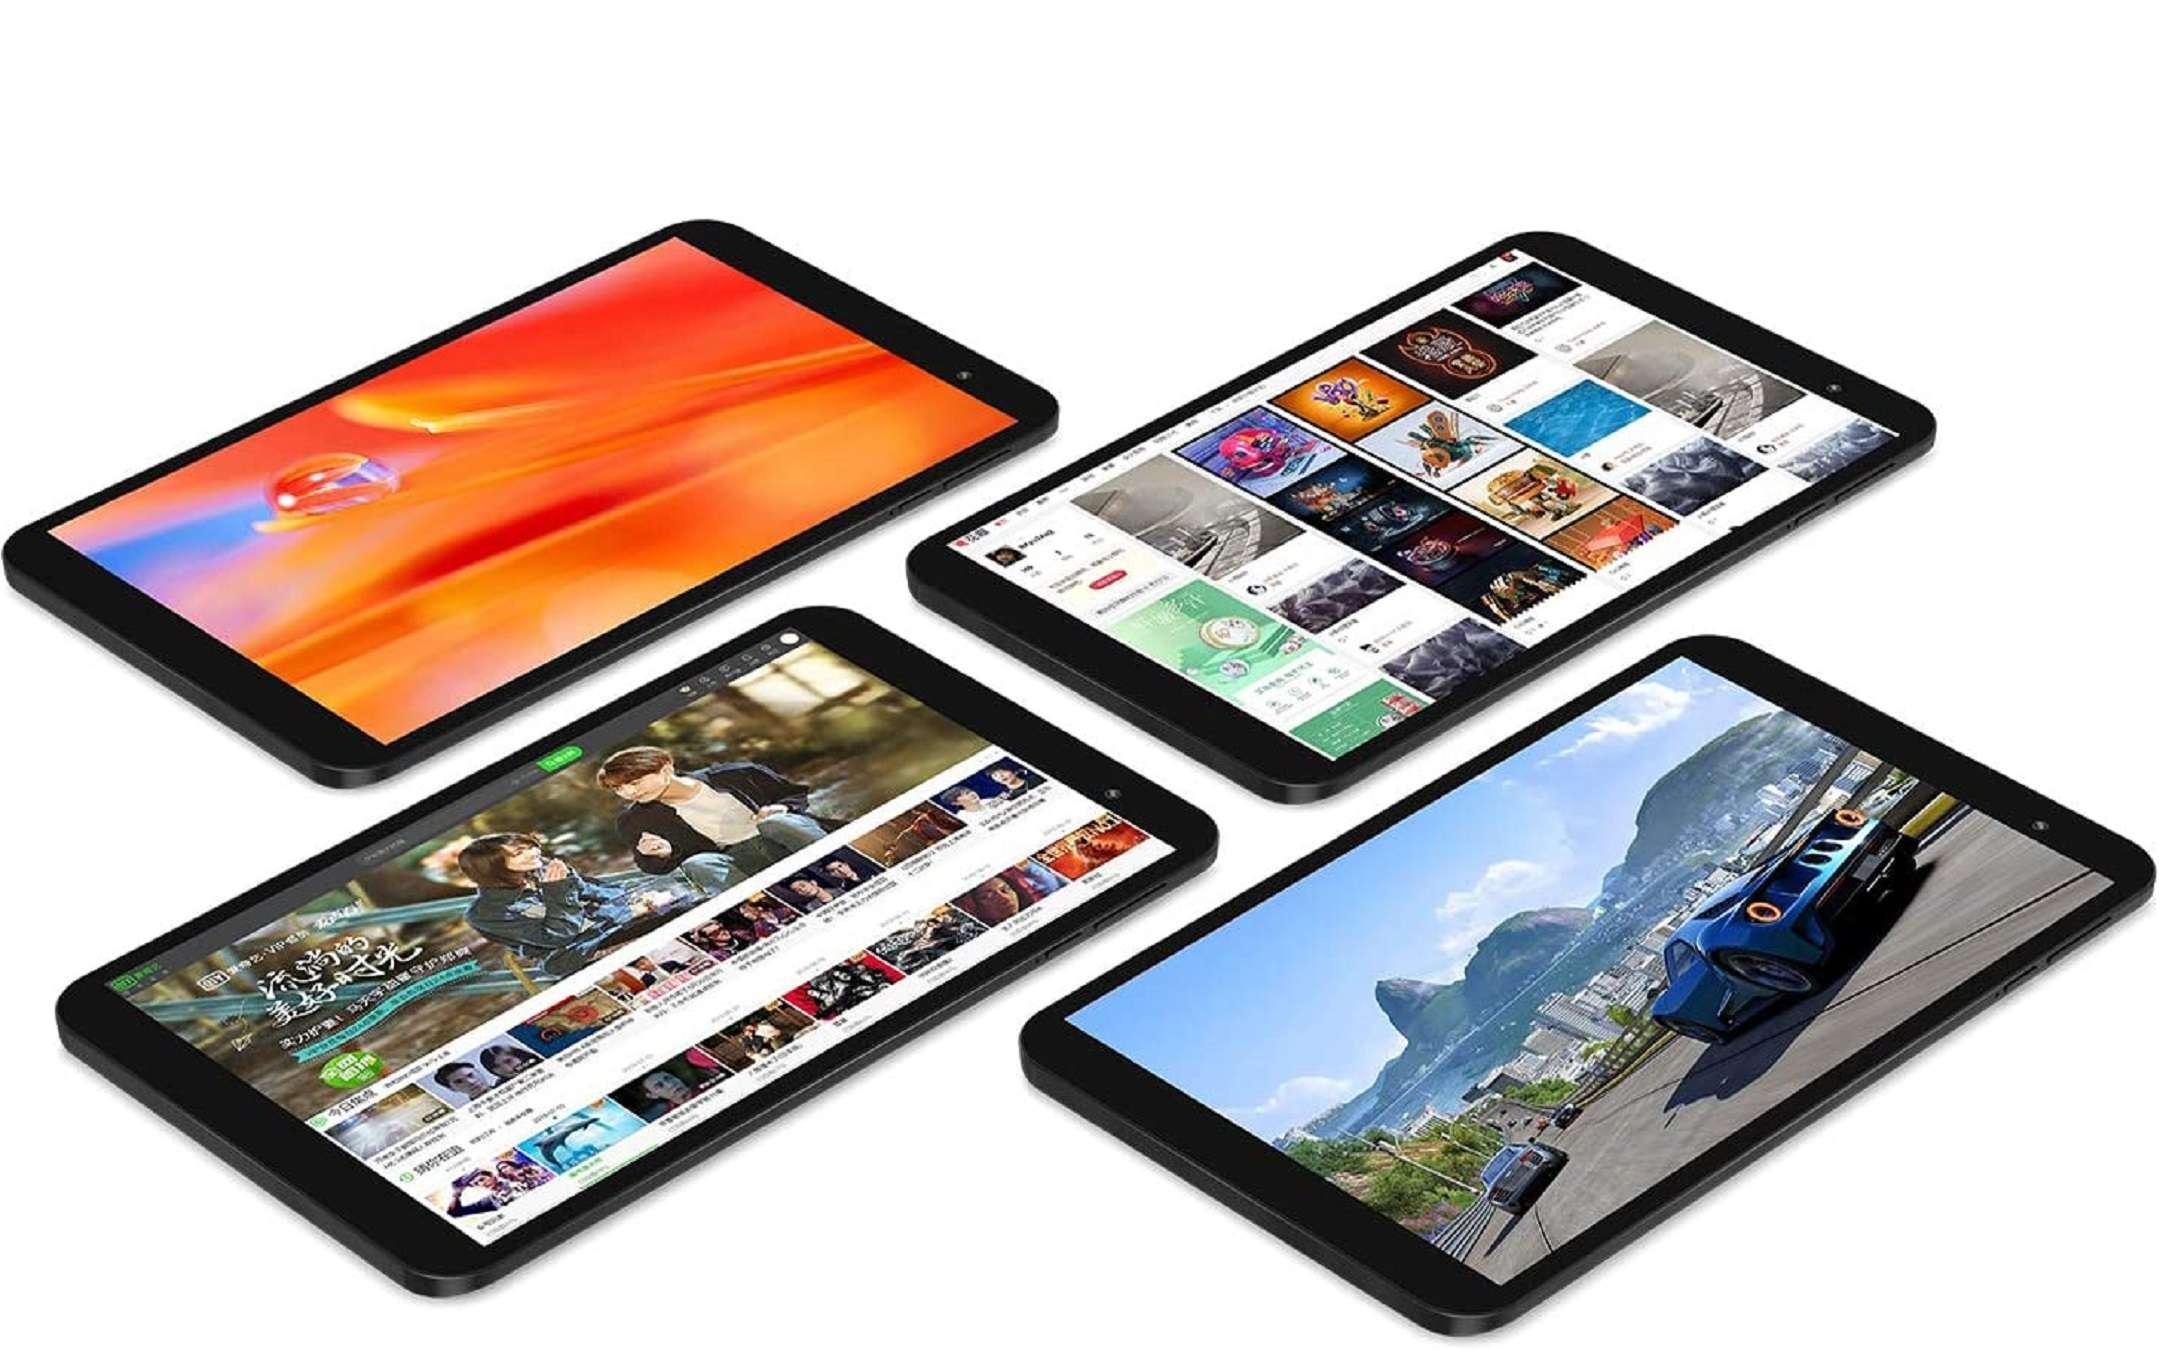 Tablet Teclast P80 a soli 66€ per pochissime ore!